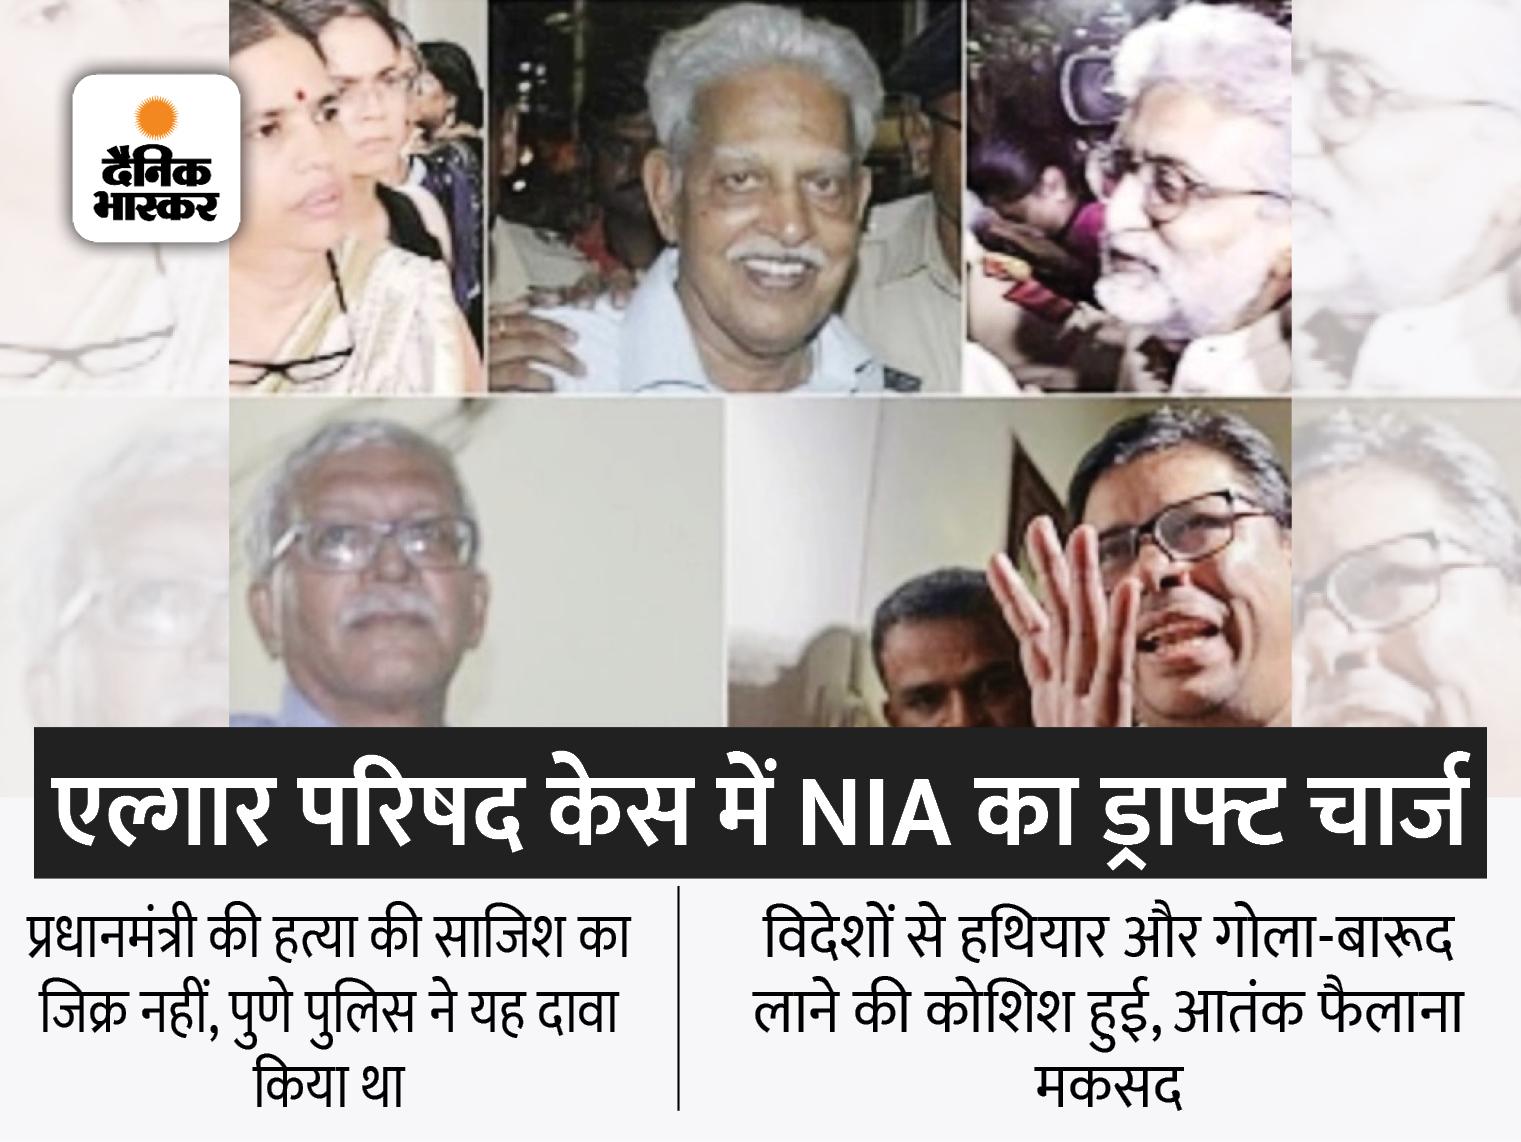 आरोपी देश के खिलाफ युद्ध छेड़ना चाहते थे, JNU और TISS के स्टूडेंट्स को आतंक फैलाने के लिए भर्ती किया|देश,National - Dainik Bhaskar